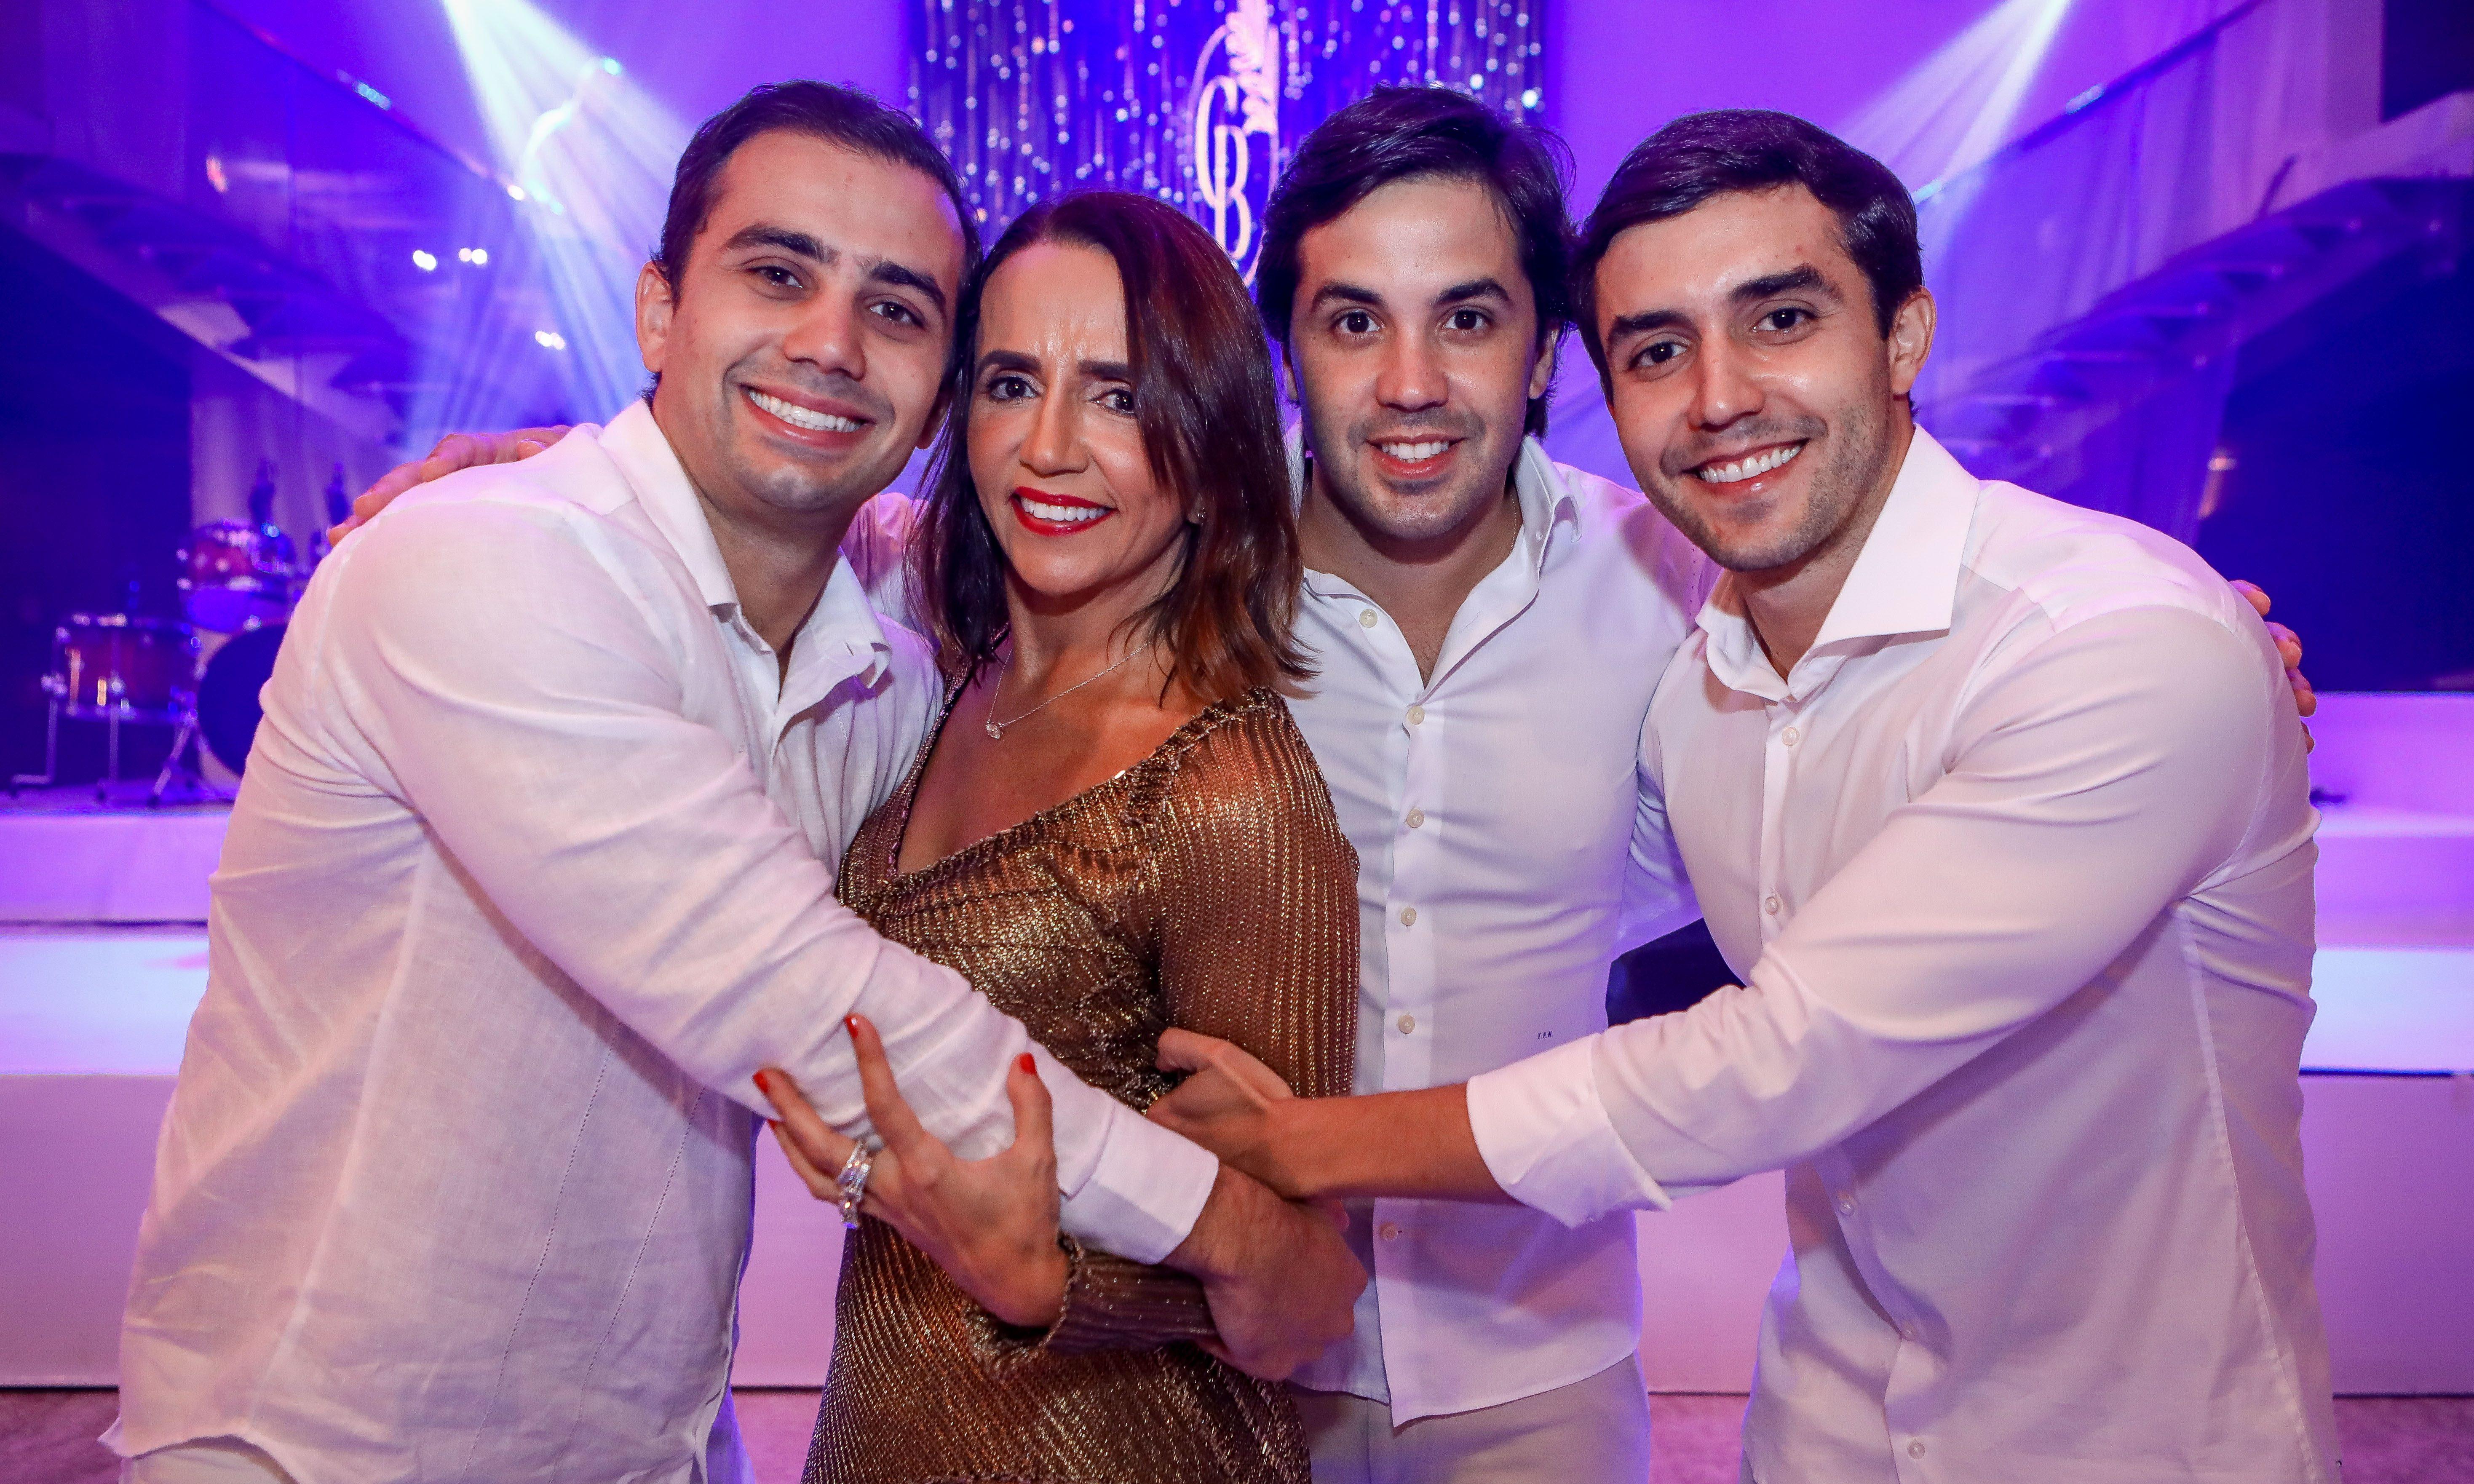 Carla Bayde arma uma festa cheia de bossa para festejar a nova idade